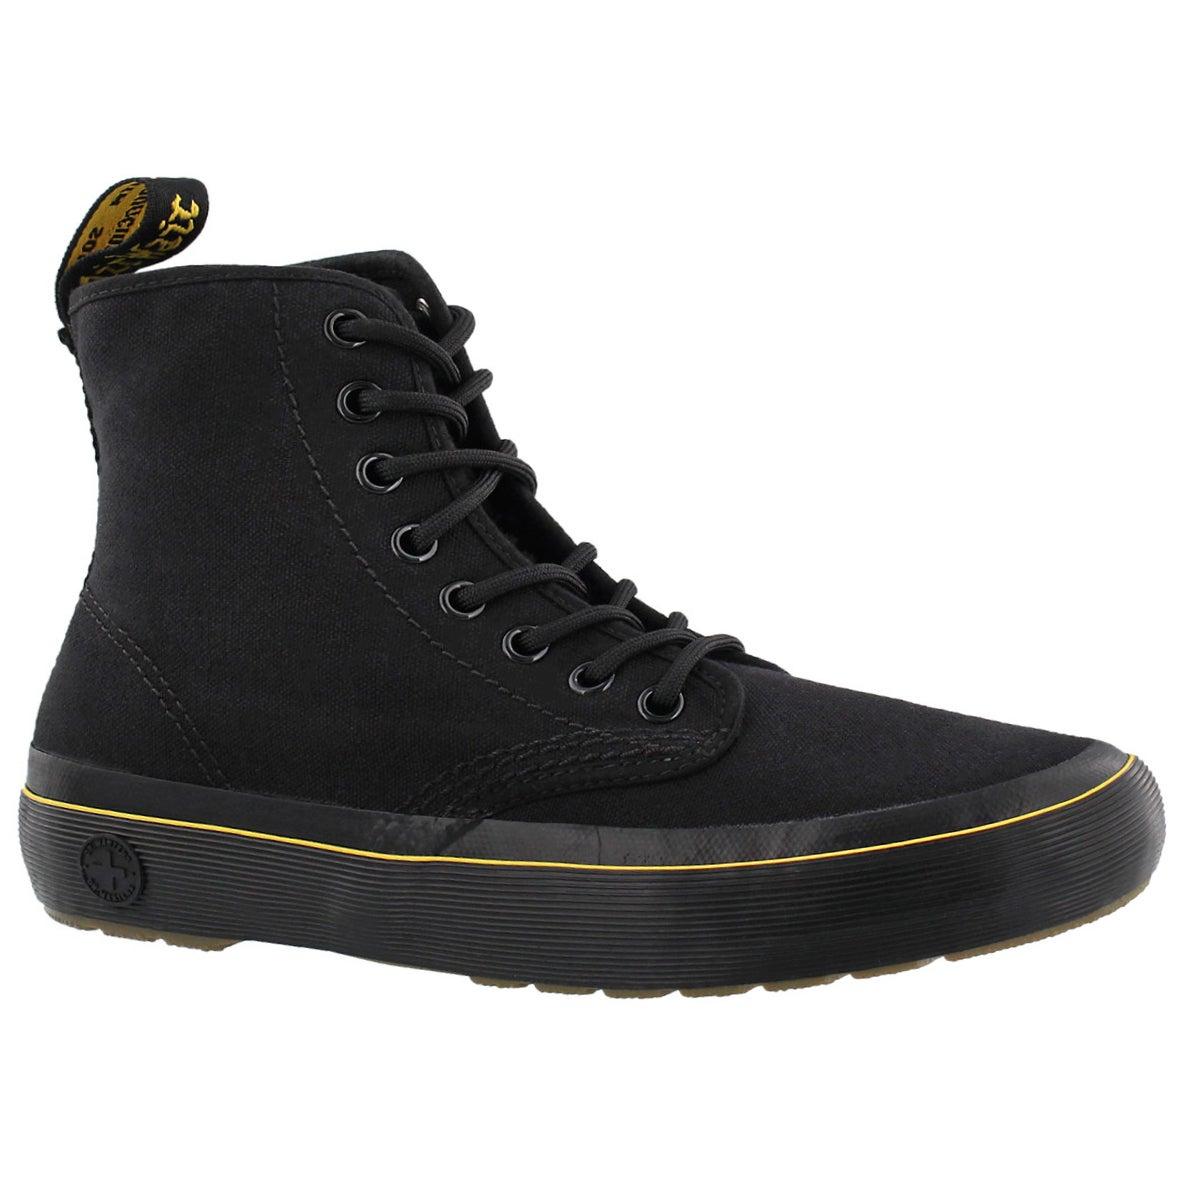 Women's MONET black lace up combat boots